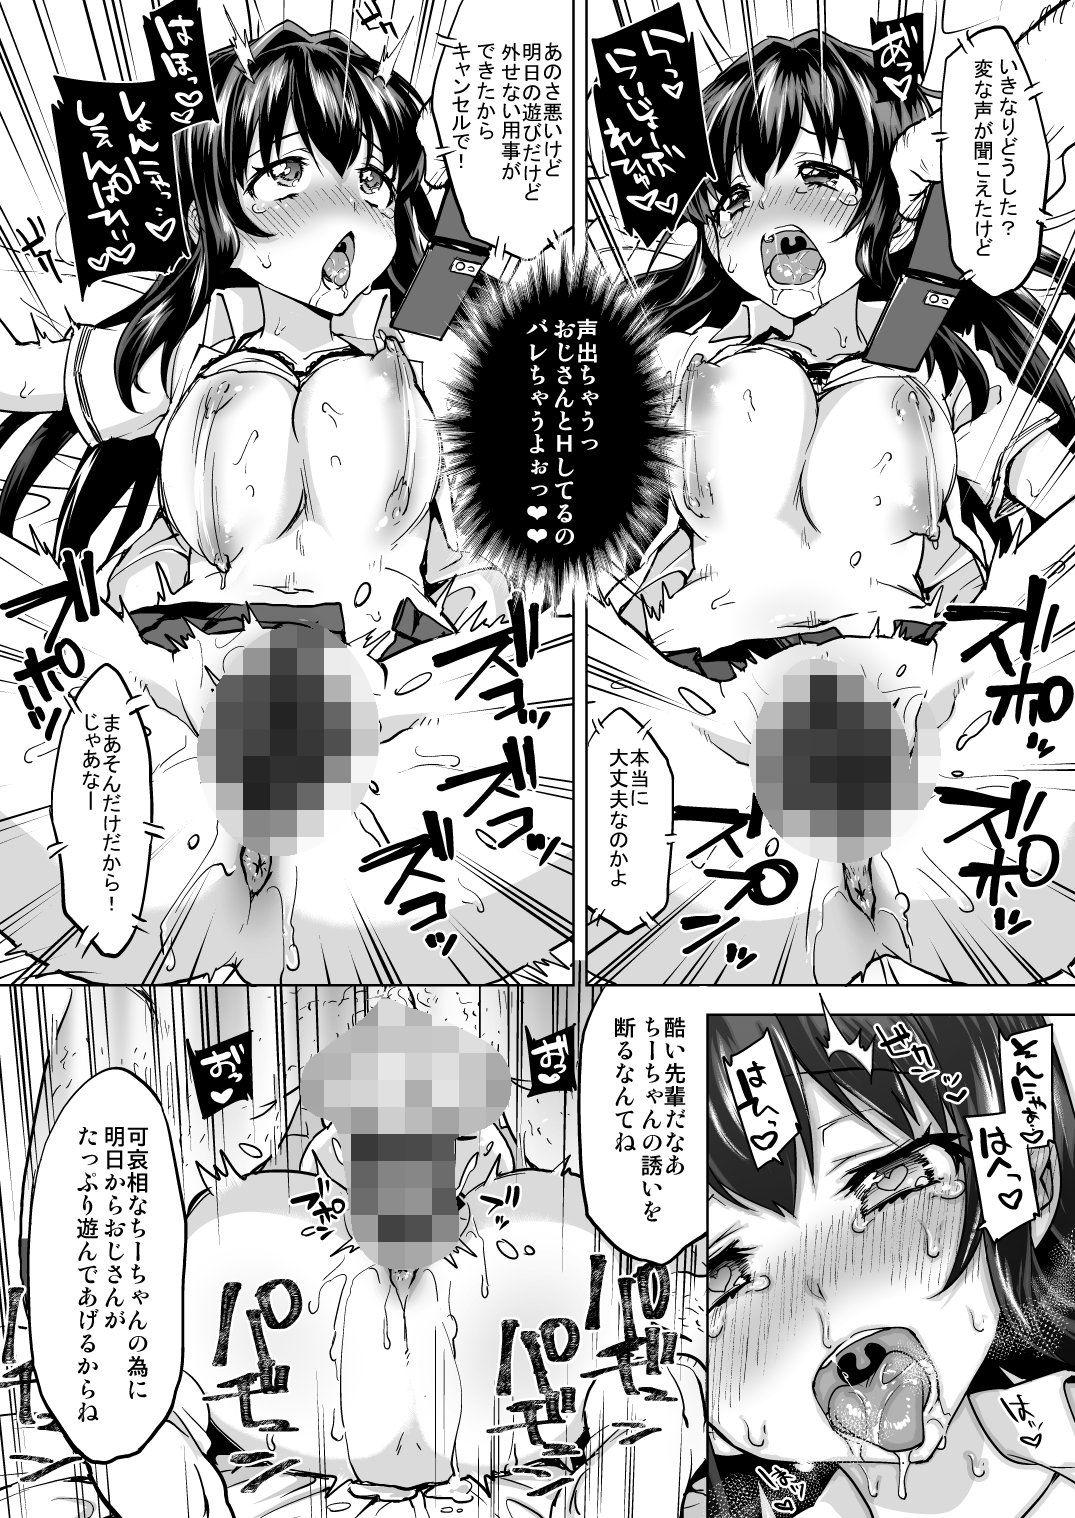 【夢茶会 同人】ちーちゃん開発日記総集編+